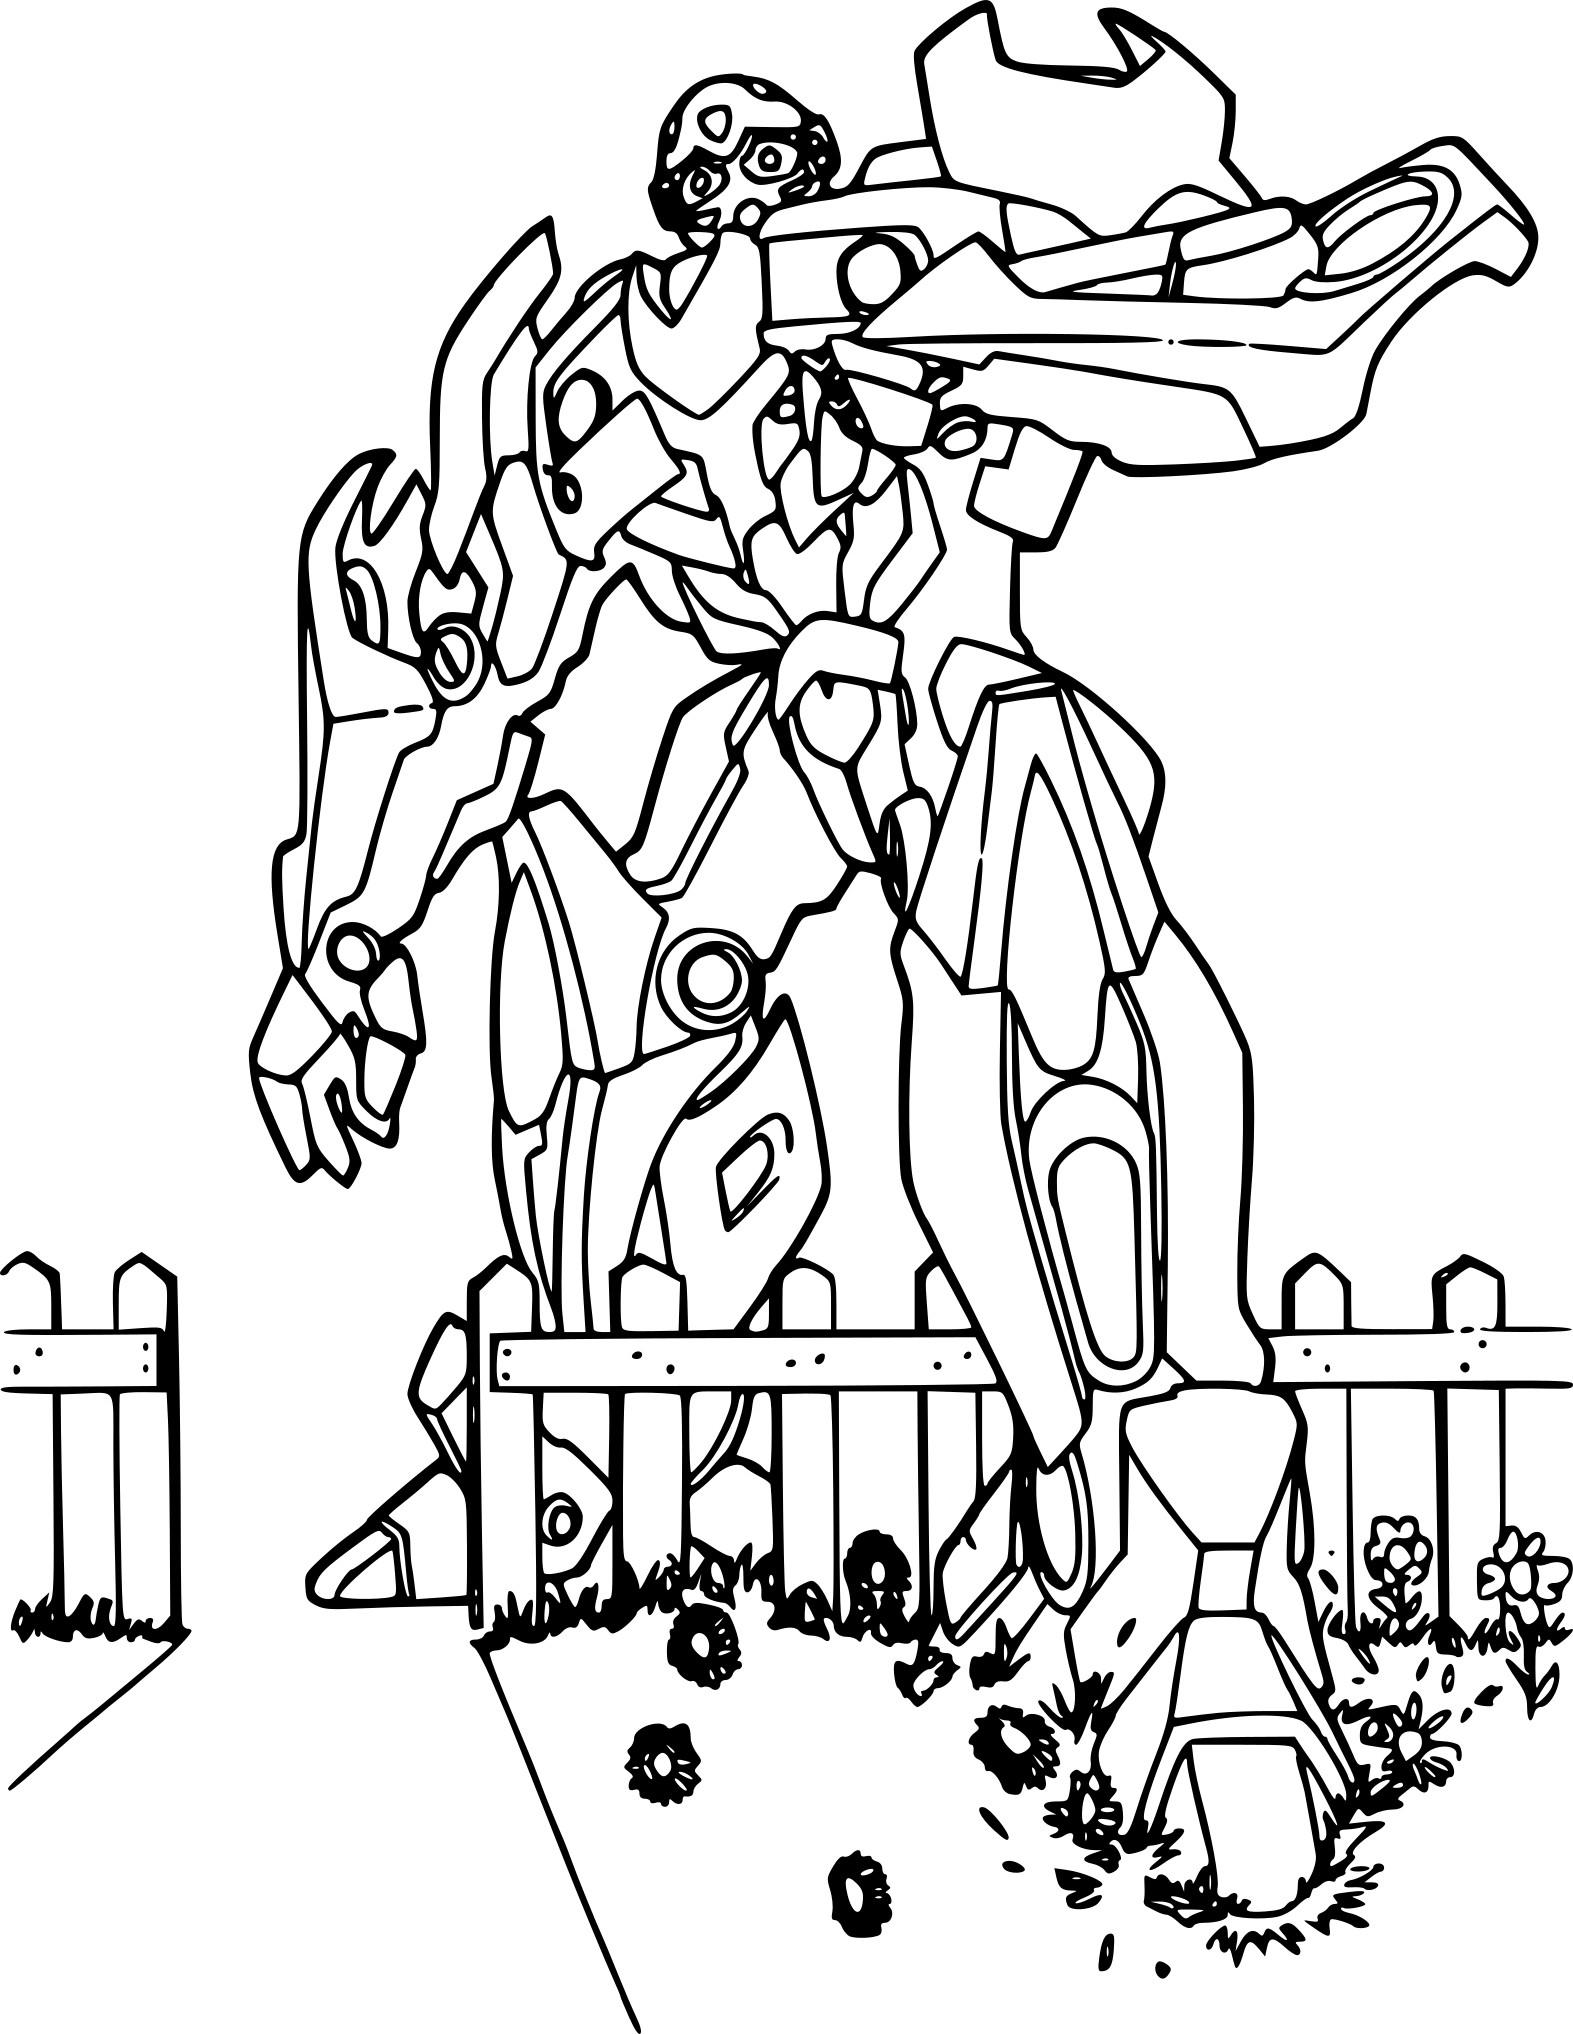 Coloriage Bumblebee A Imprimer - Ohbq dedans Coloriage À Imprimer Transformers